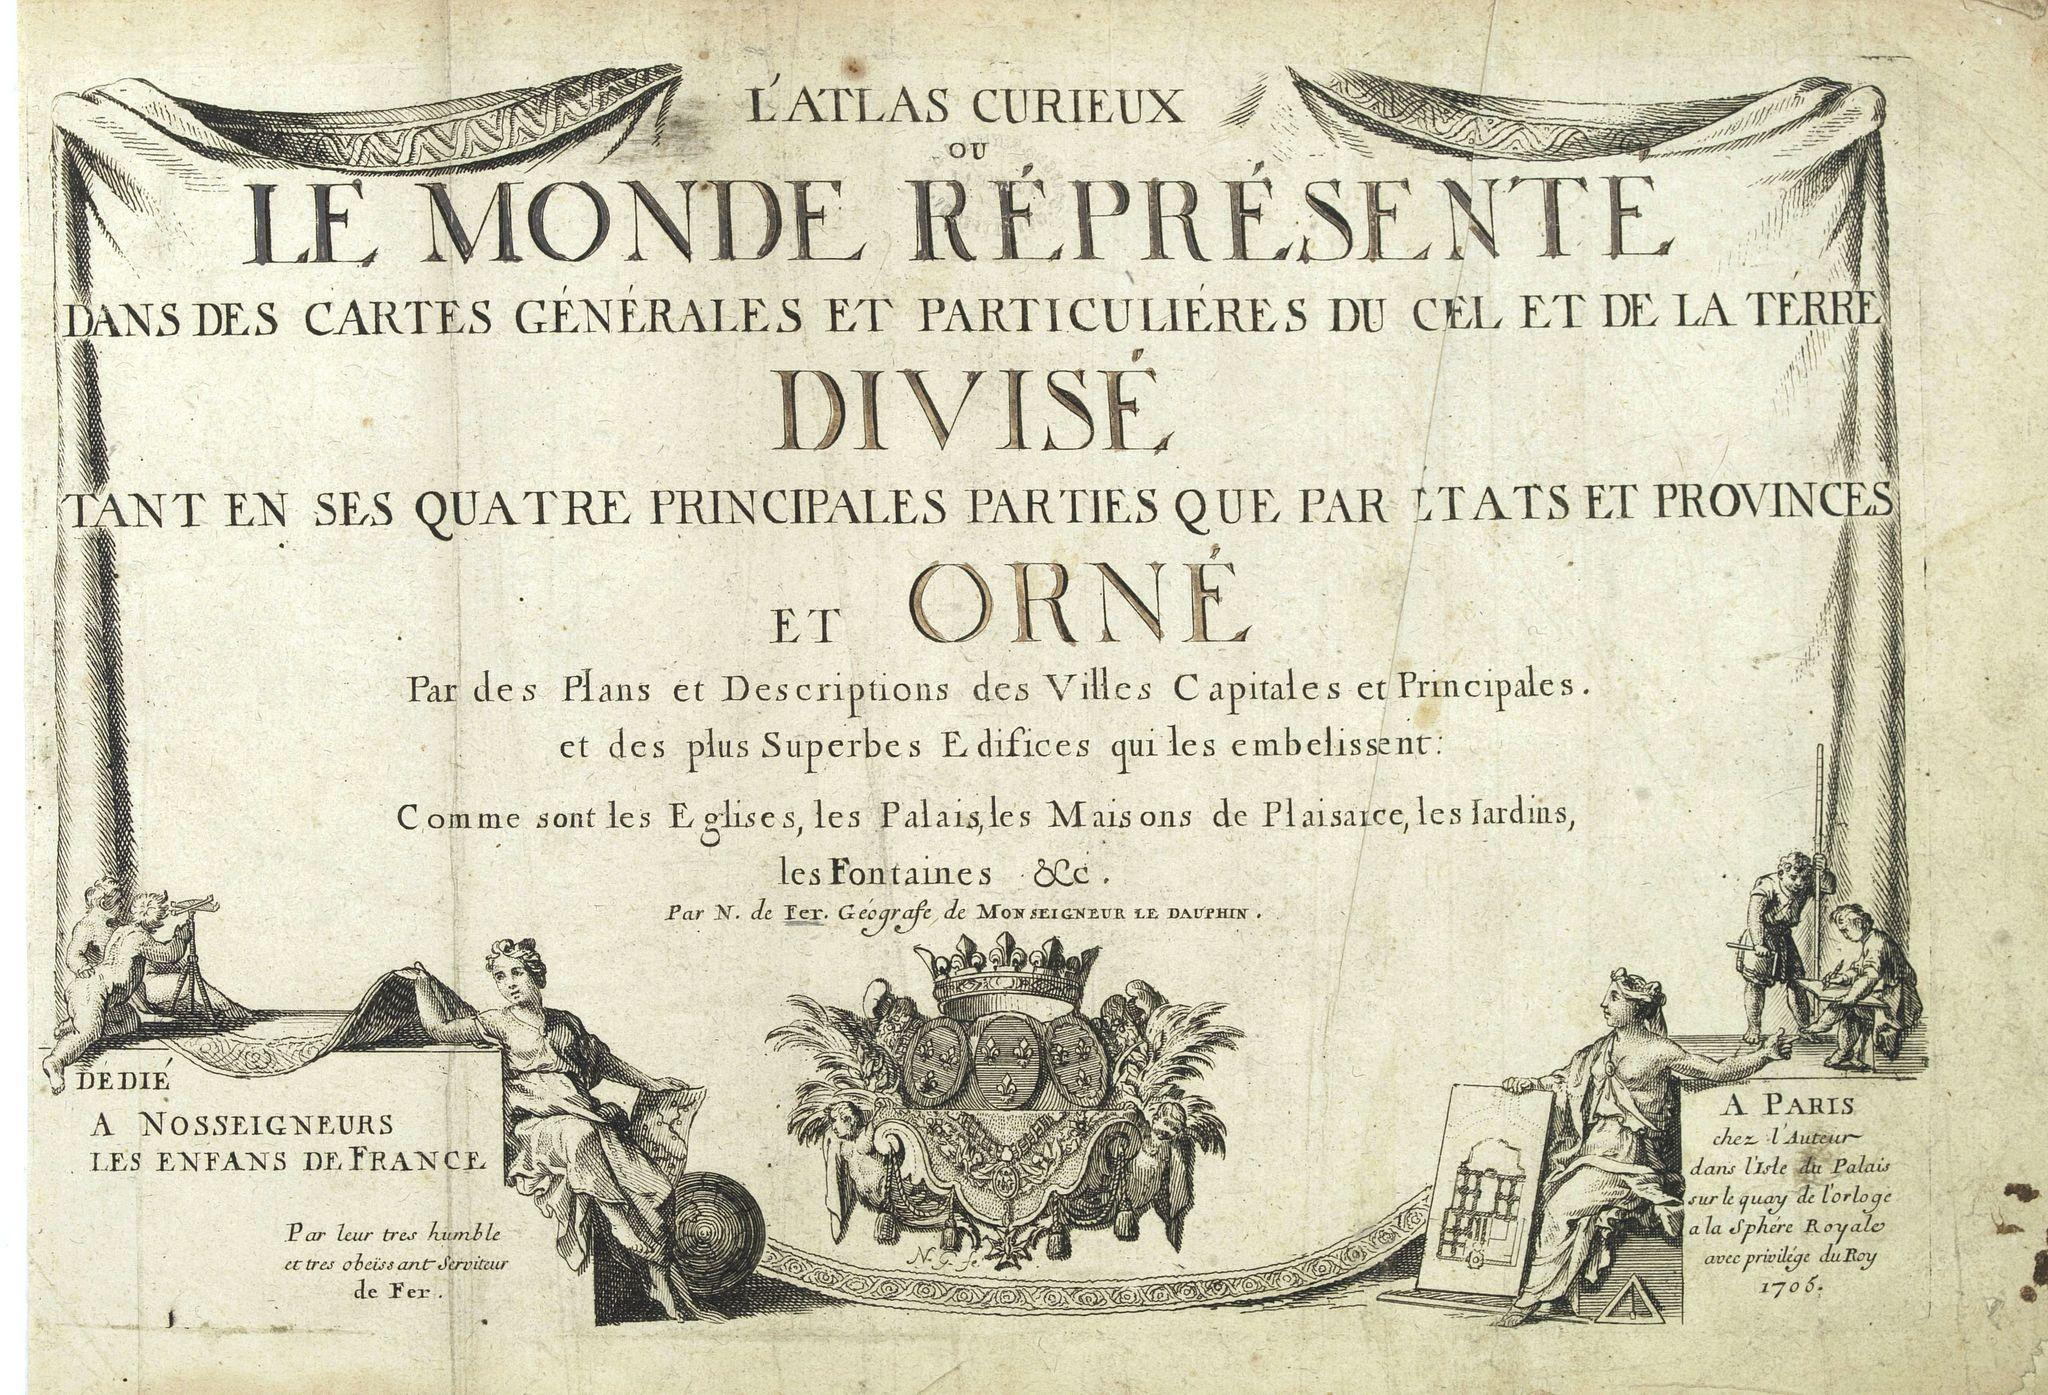 DE FER, N. -  [Title page] L'Atlas curieux ou le Monde réprésente dans des cartes. . .